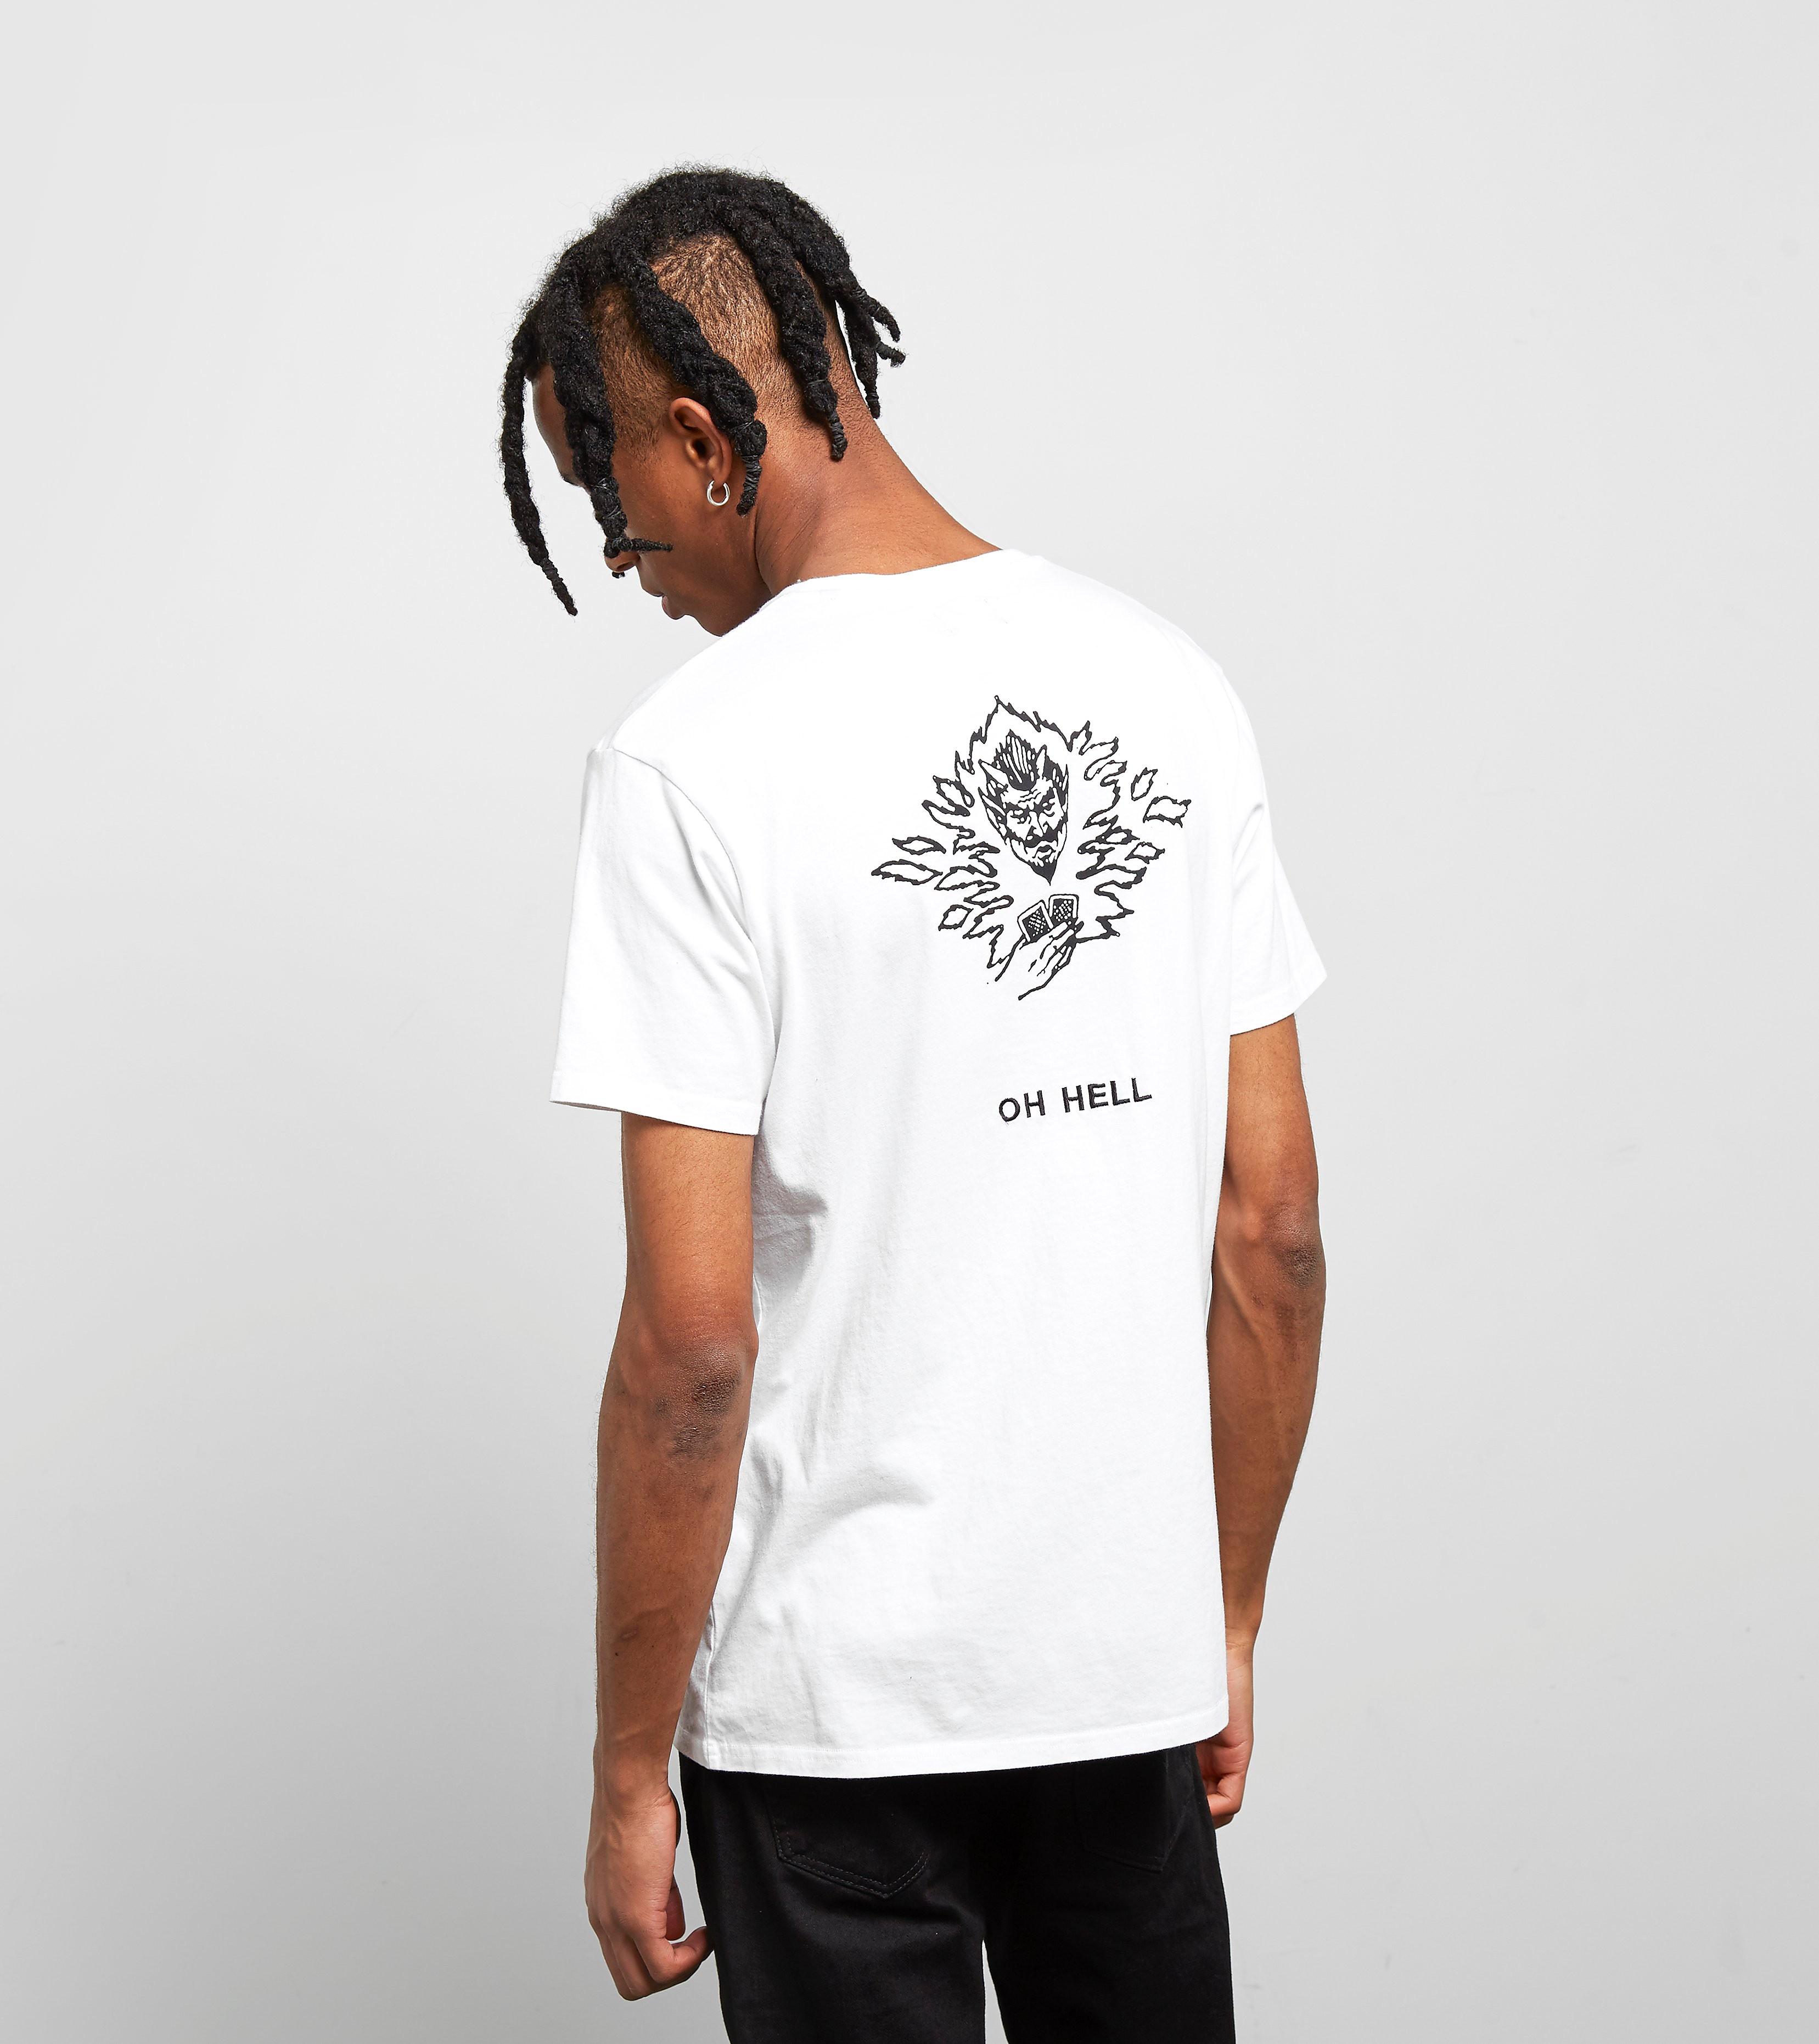 Edwin Oh Hell T-Shirt